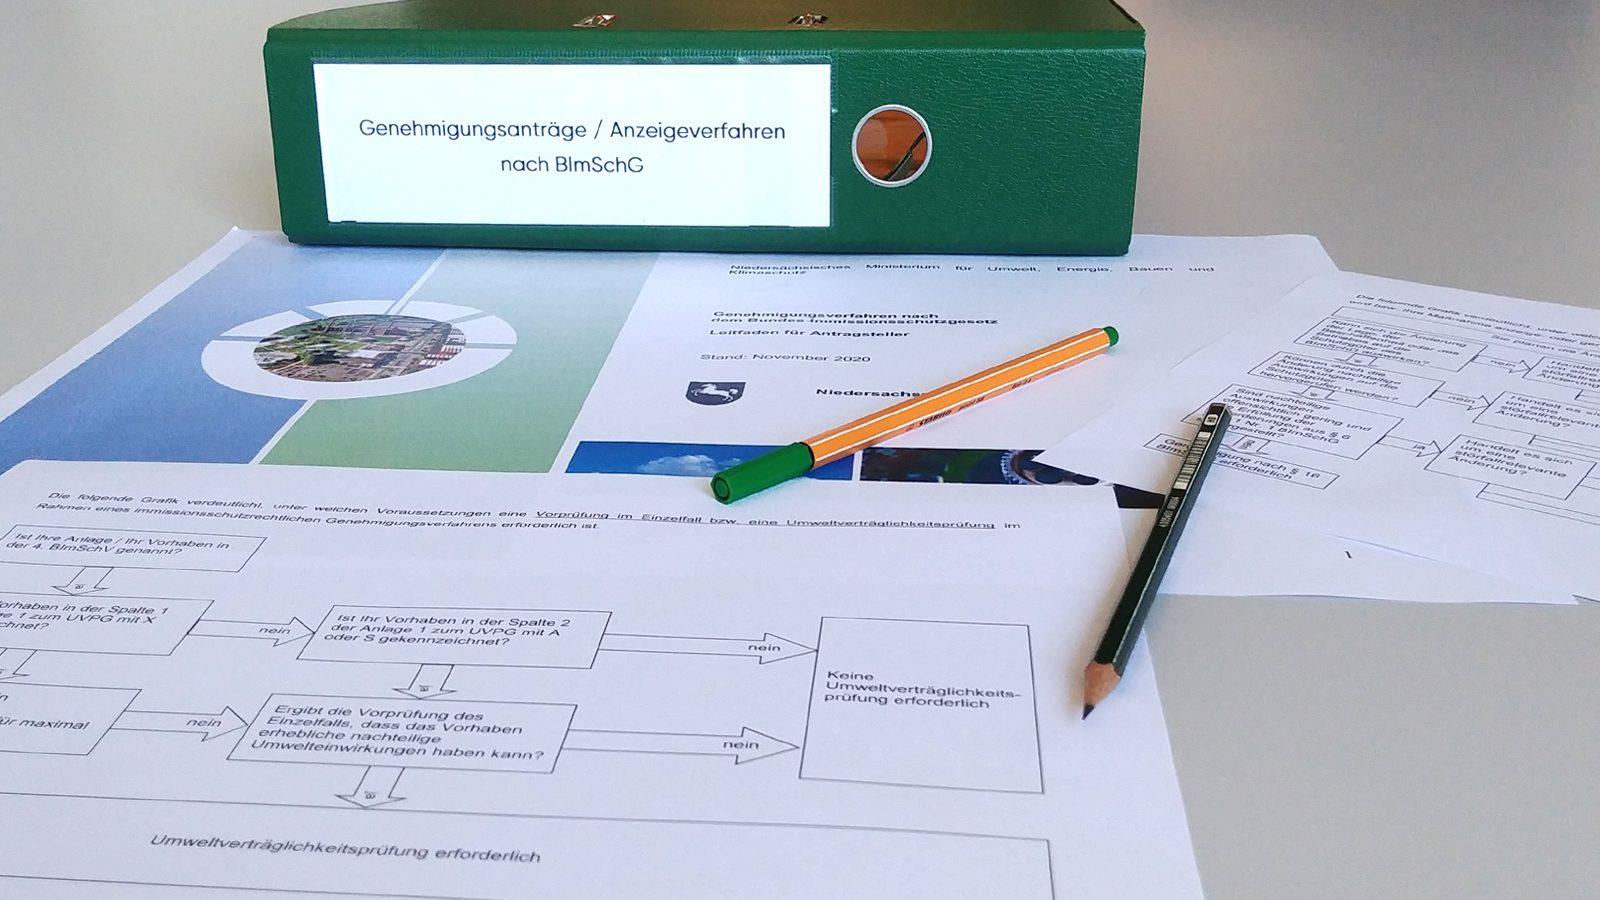 Genehmigungsanträge nach Bundes-Immissionsschutzgesetz (BImSchG)